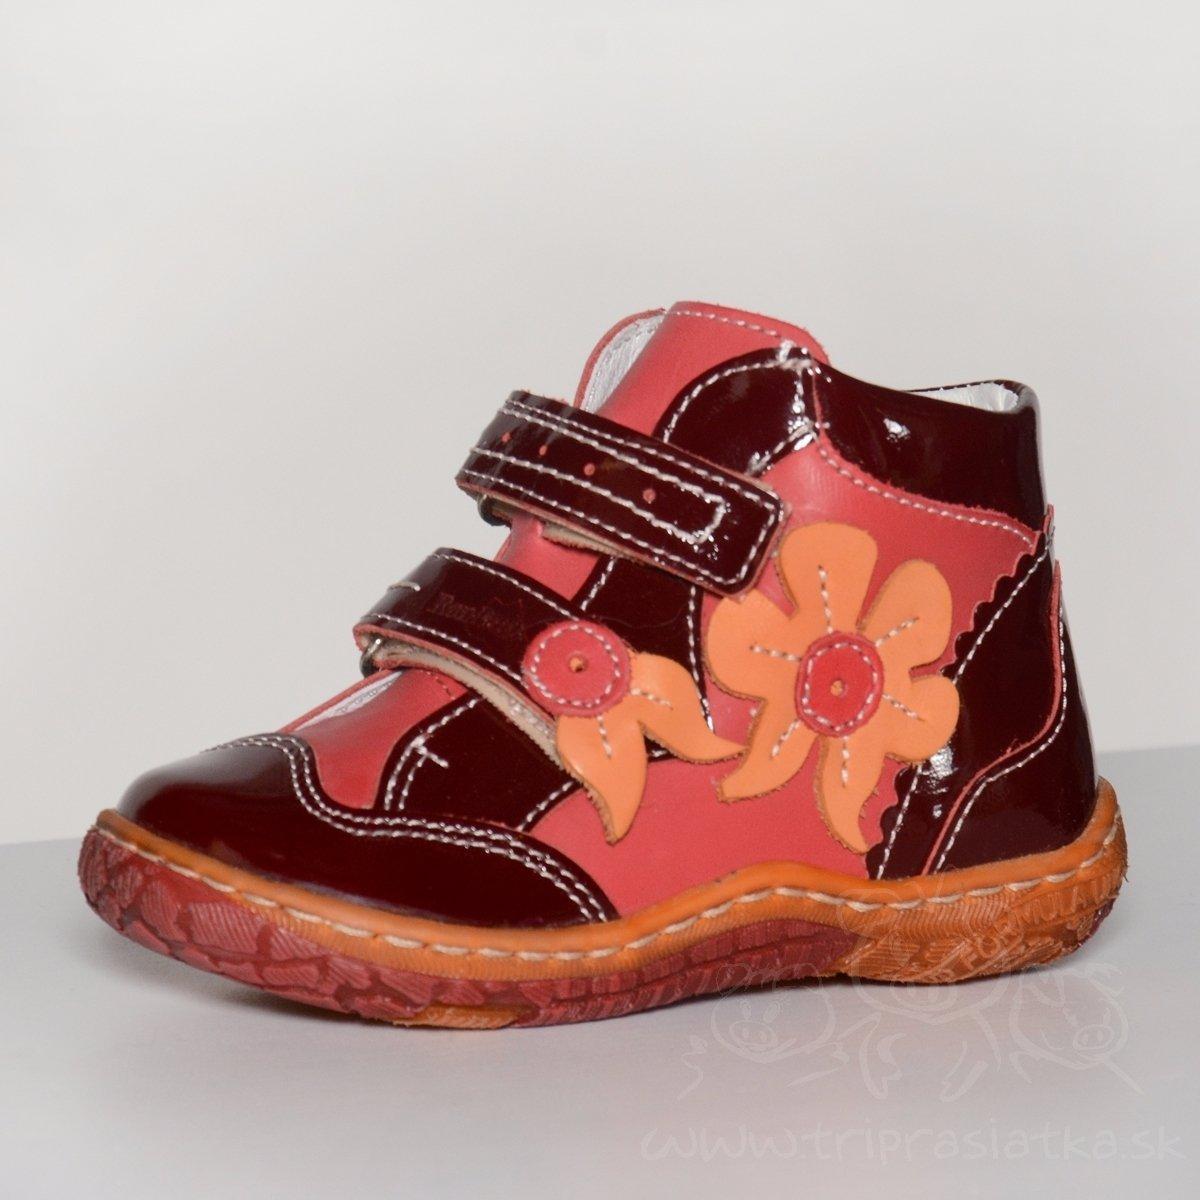 fd60fbe6c9c85 Kvalitné detské kožené topánočky s klenbou, ren but,23 / 24 - 28,60 € od  predávajúcej 3prasiatka_sk   Detský bazár   ModryKonik.sk